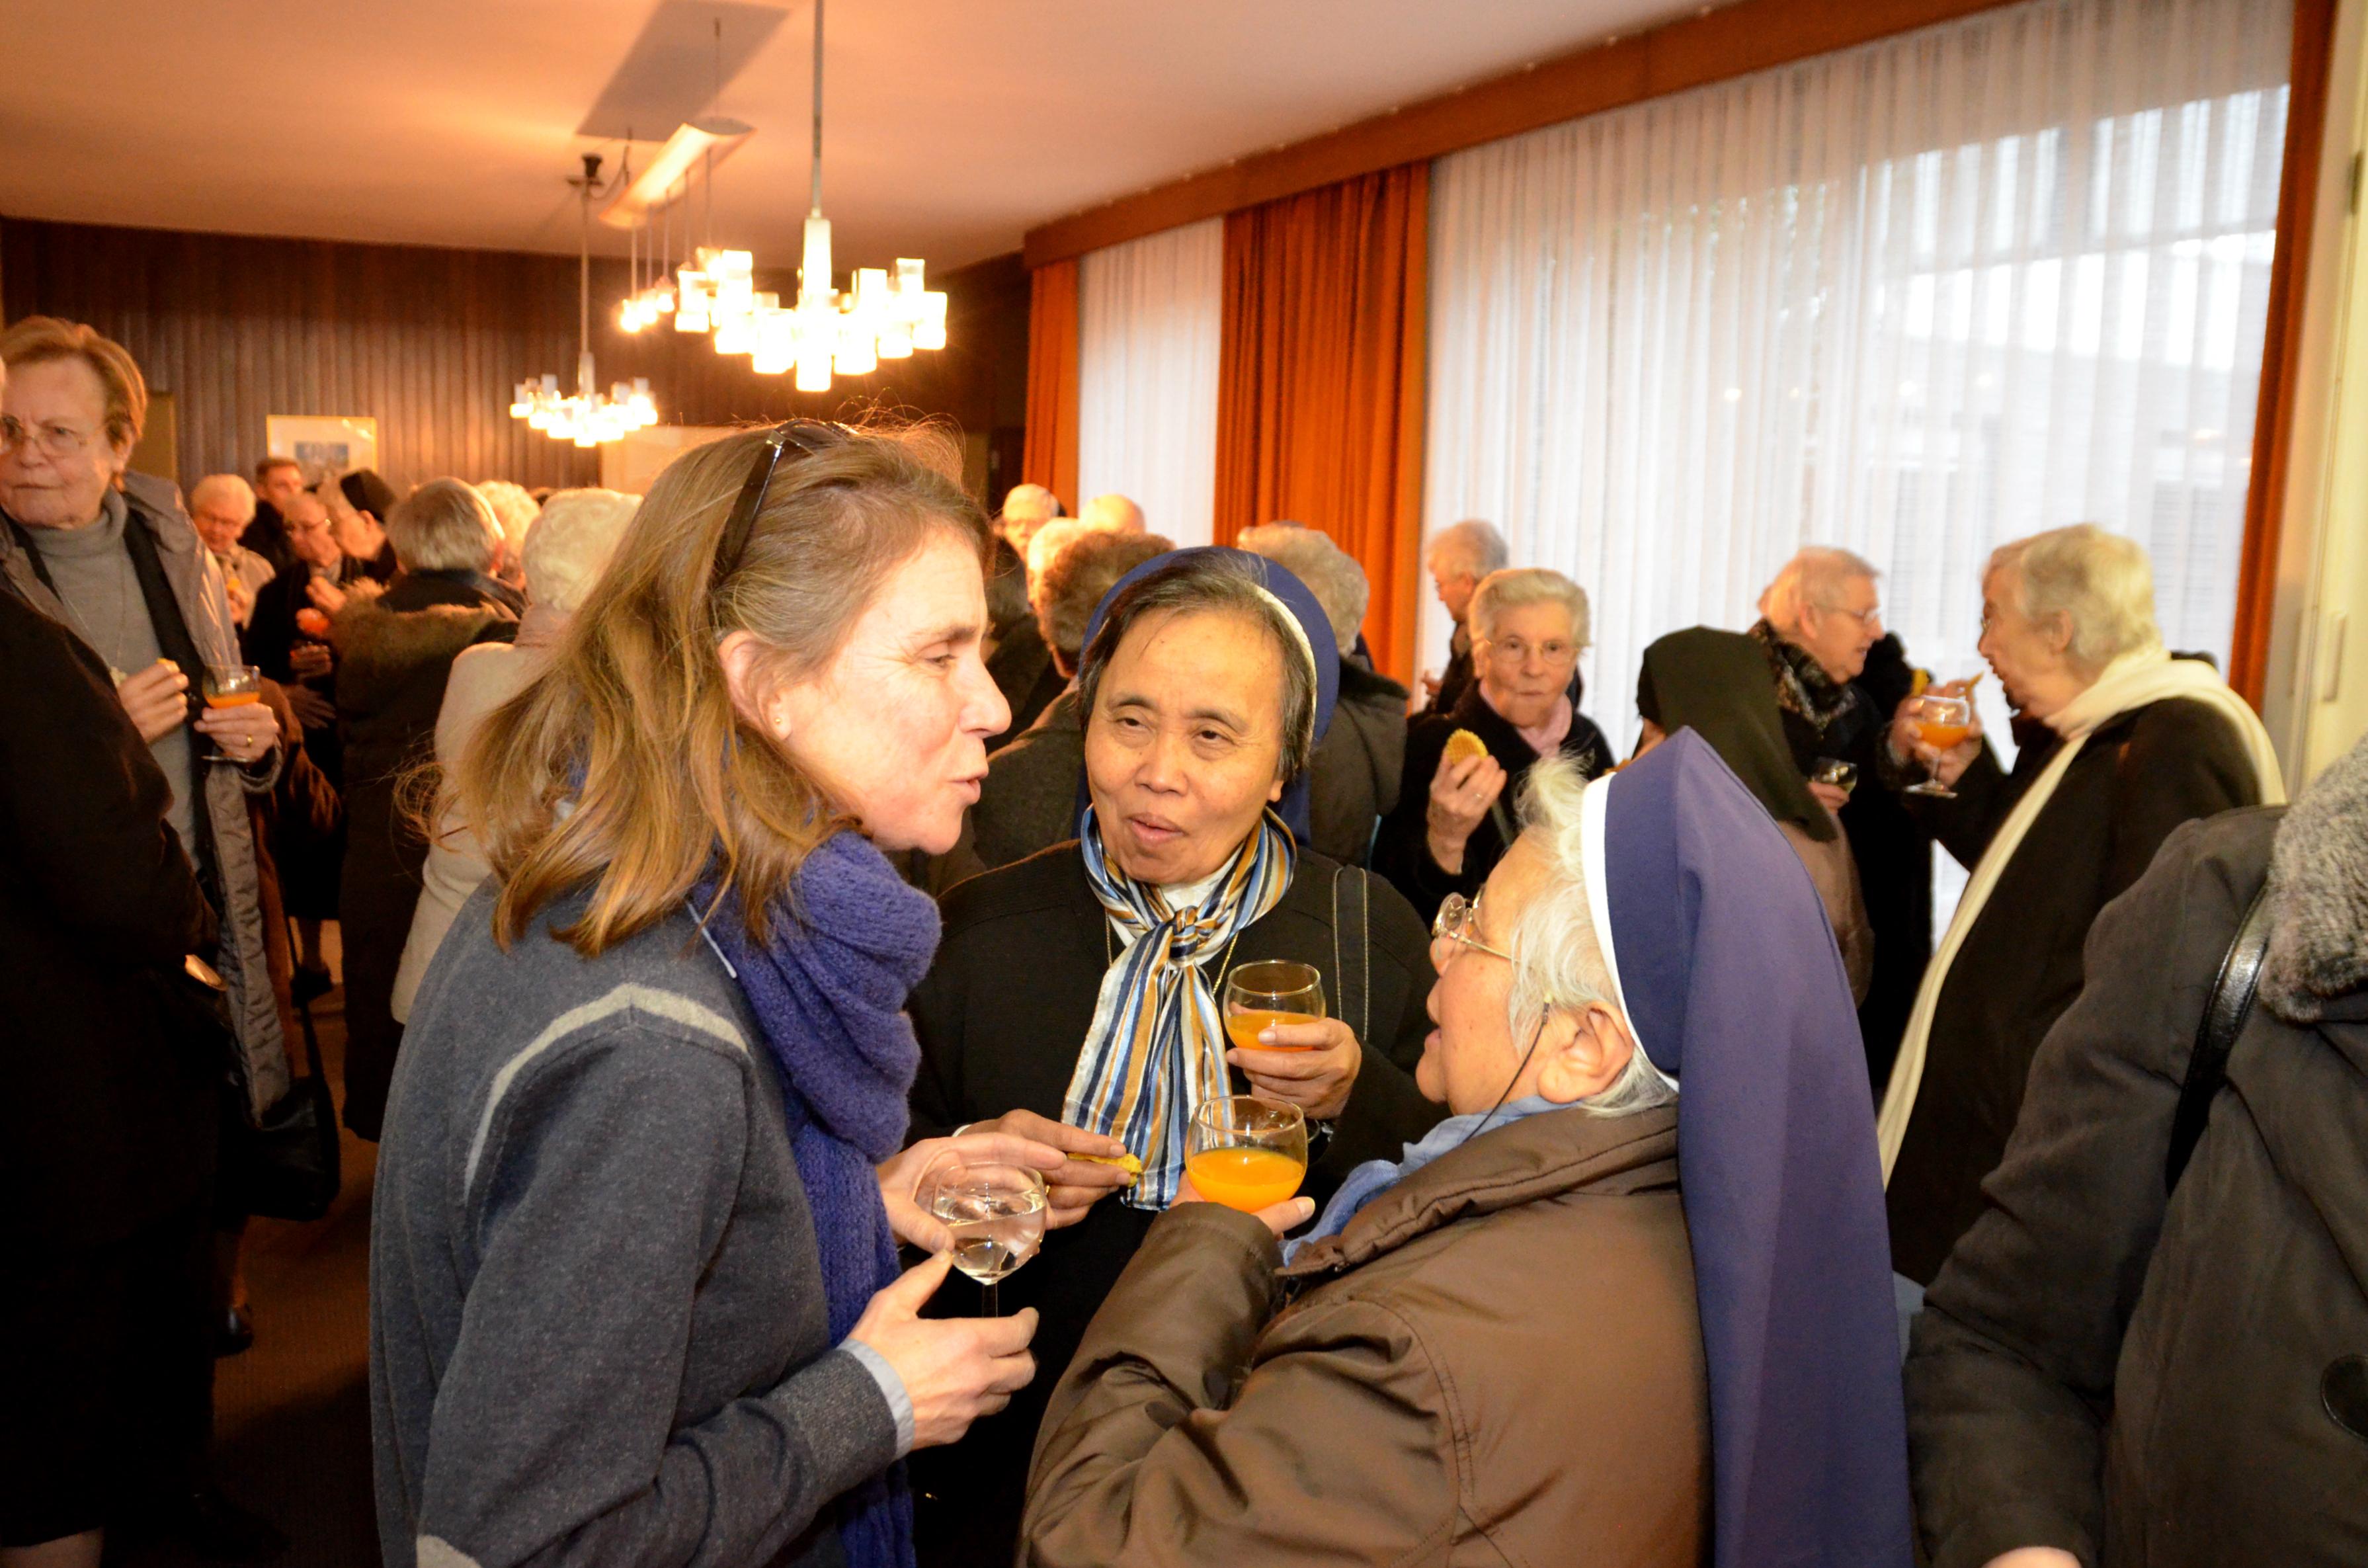 Na de viering trokken de religieuzen naar het bisschopshuis voor een warme, vreugdevolle ontmoeting. © Tony Dupont